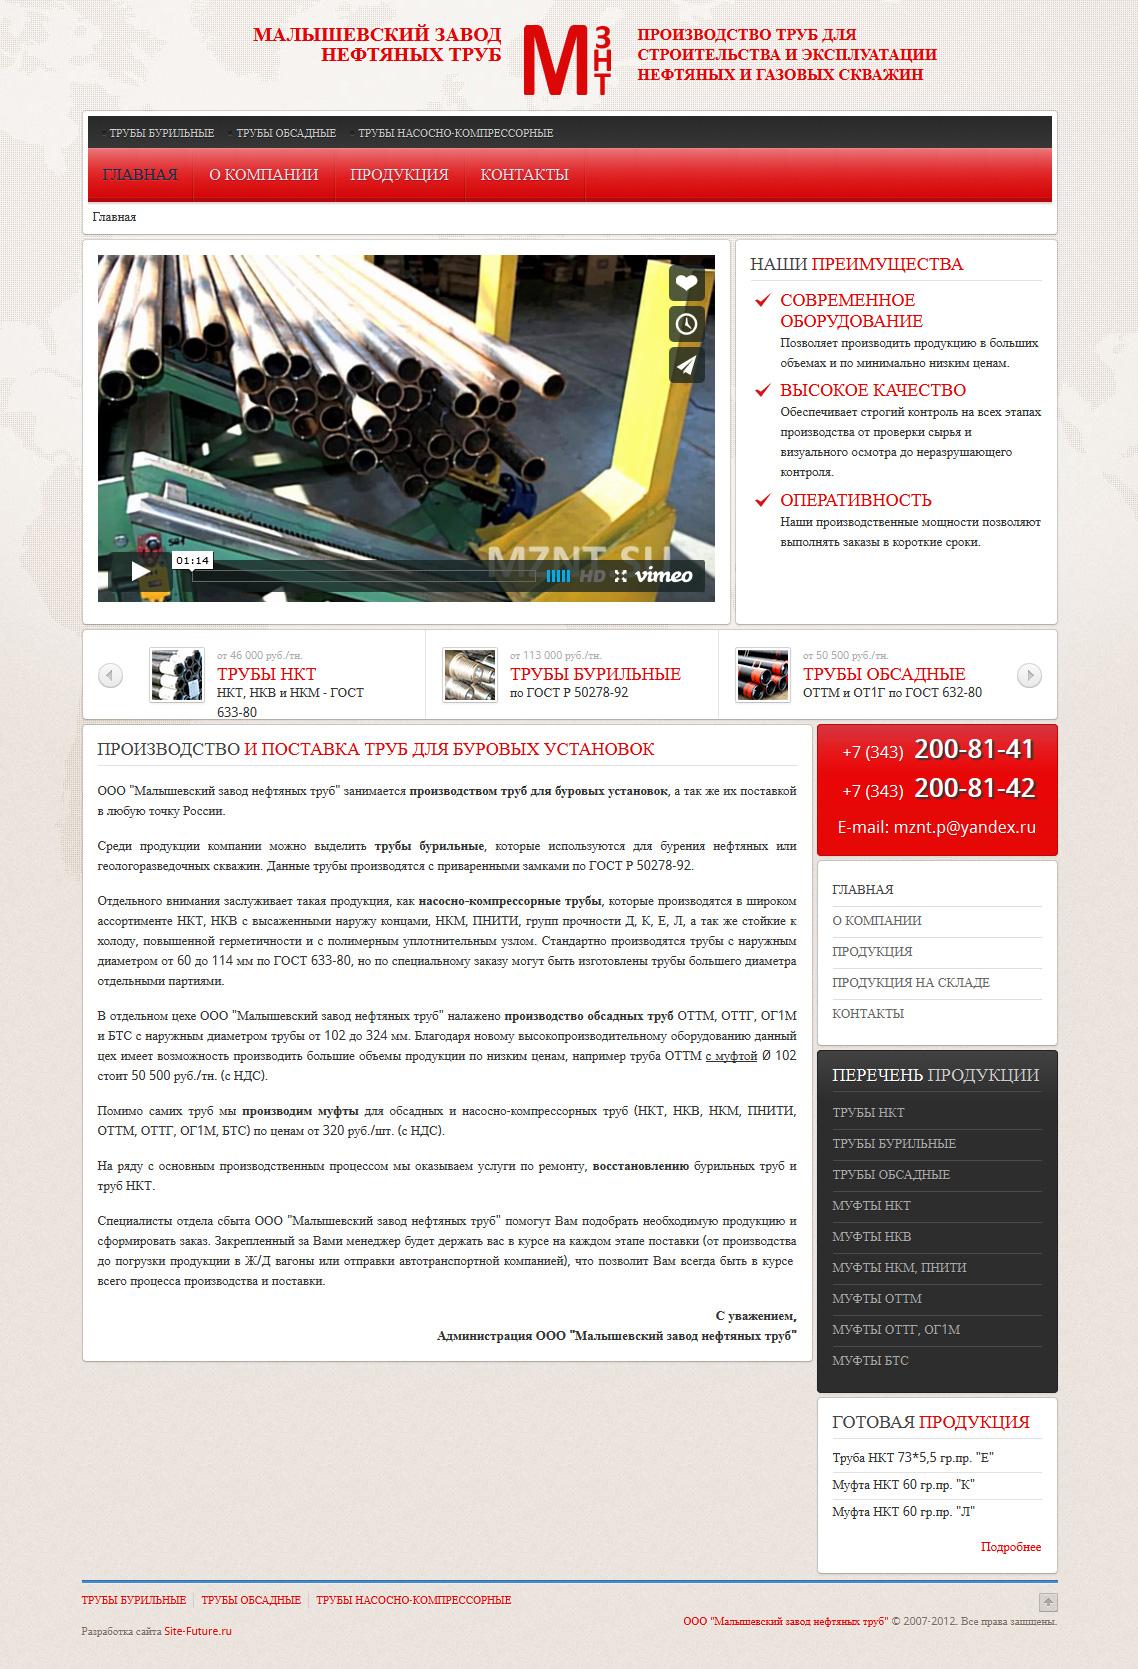 ООО Малышевский завод нефтяных труб